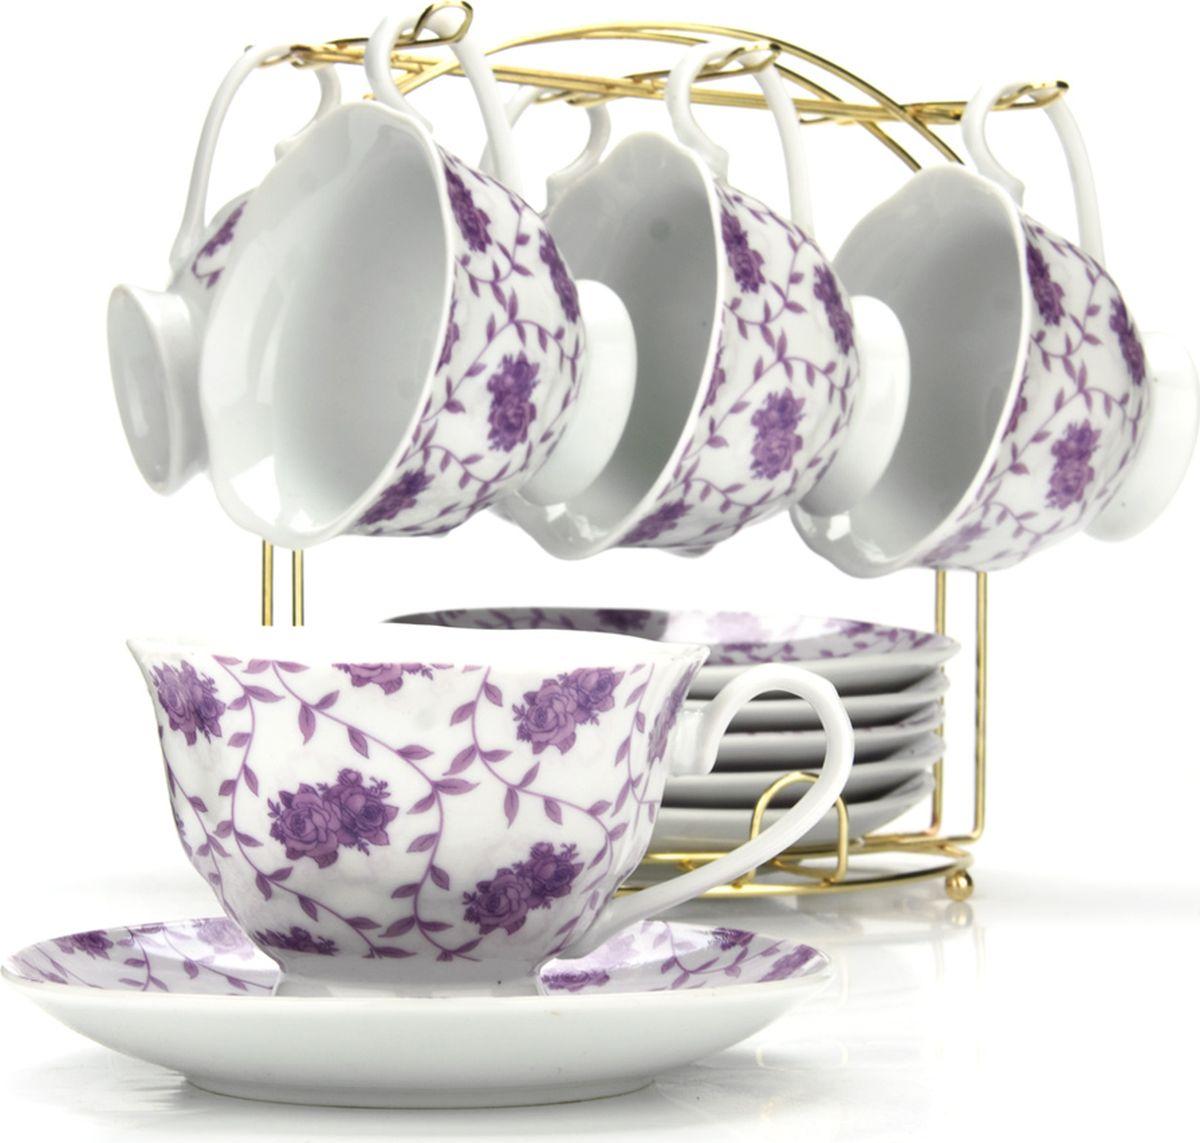 Сервиз чайный Loraine, на подставке, 13 предметов. 43293 сервиз чайный loraine на подставке 13 предметов 43283